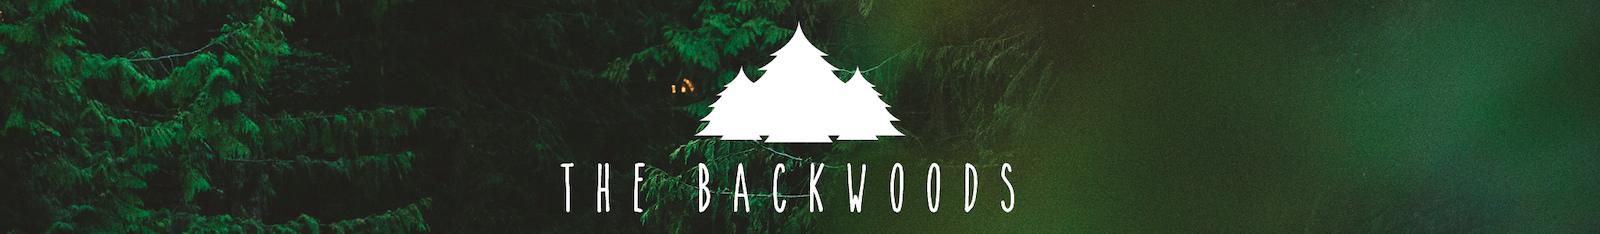 The Backwoods logo